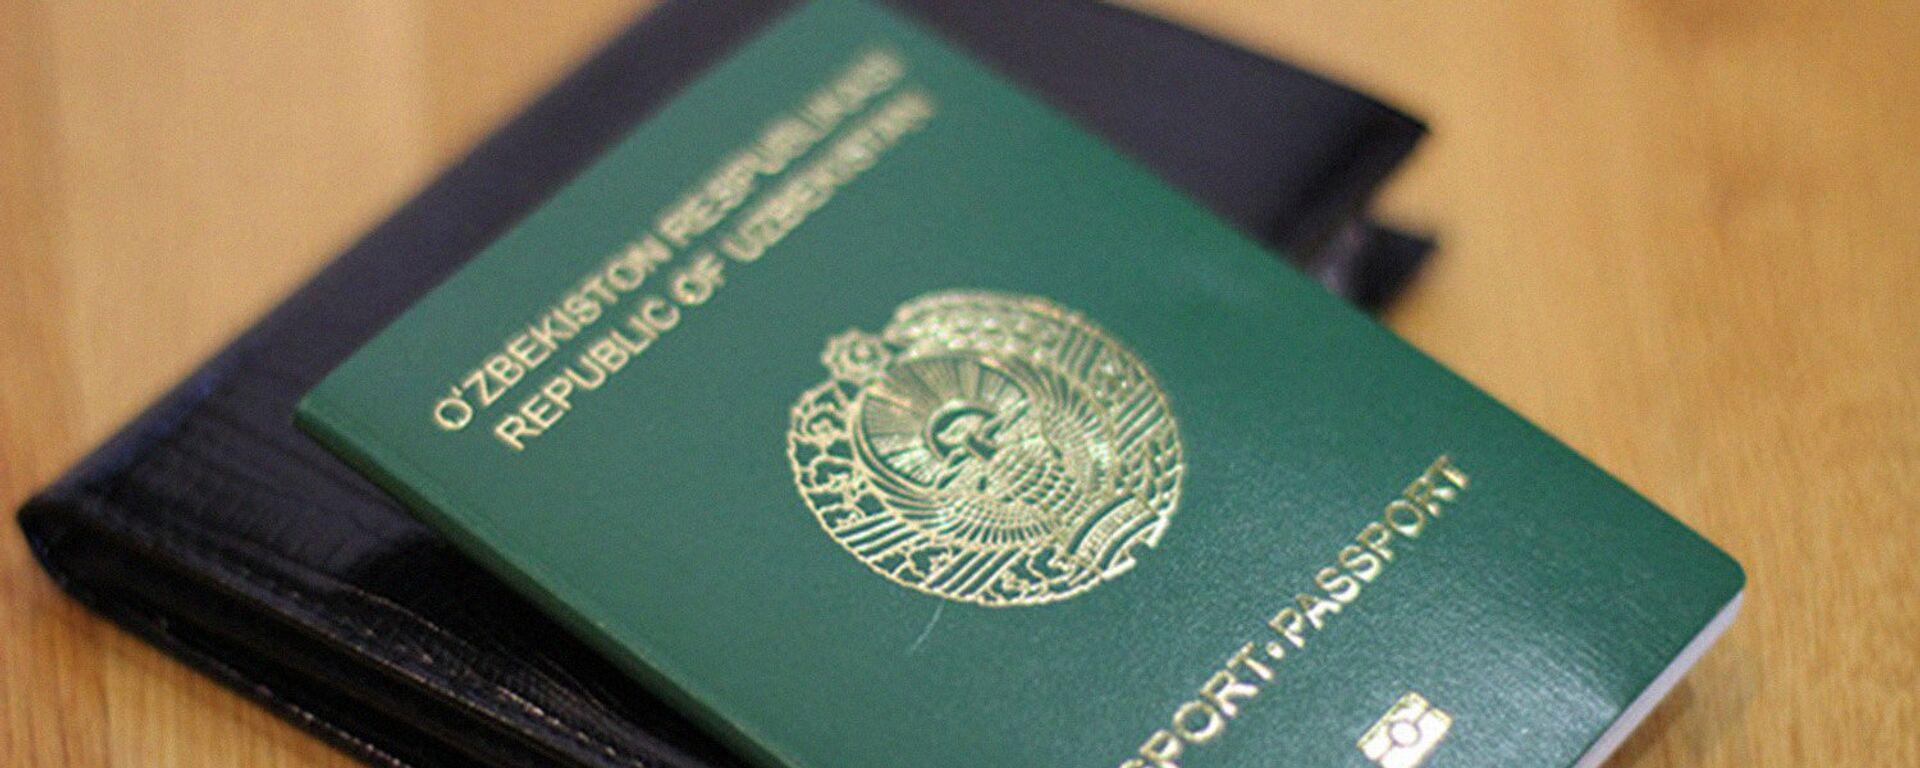 Узбекский паспорт - Sputnik Узбекистан, 1920, 14.05.2020